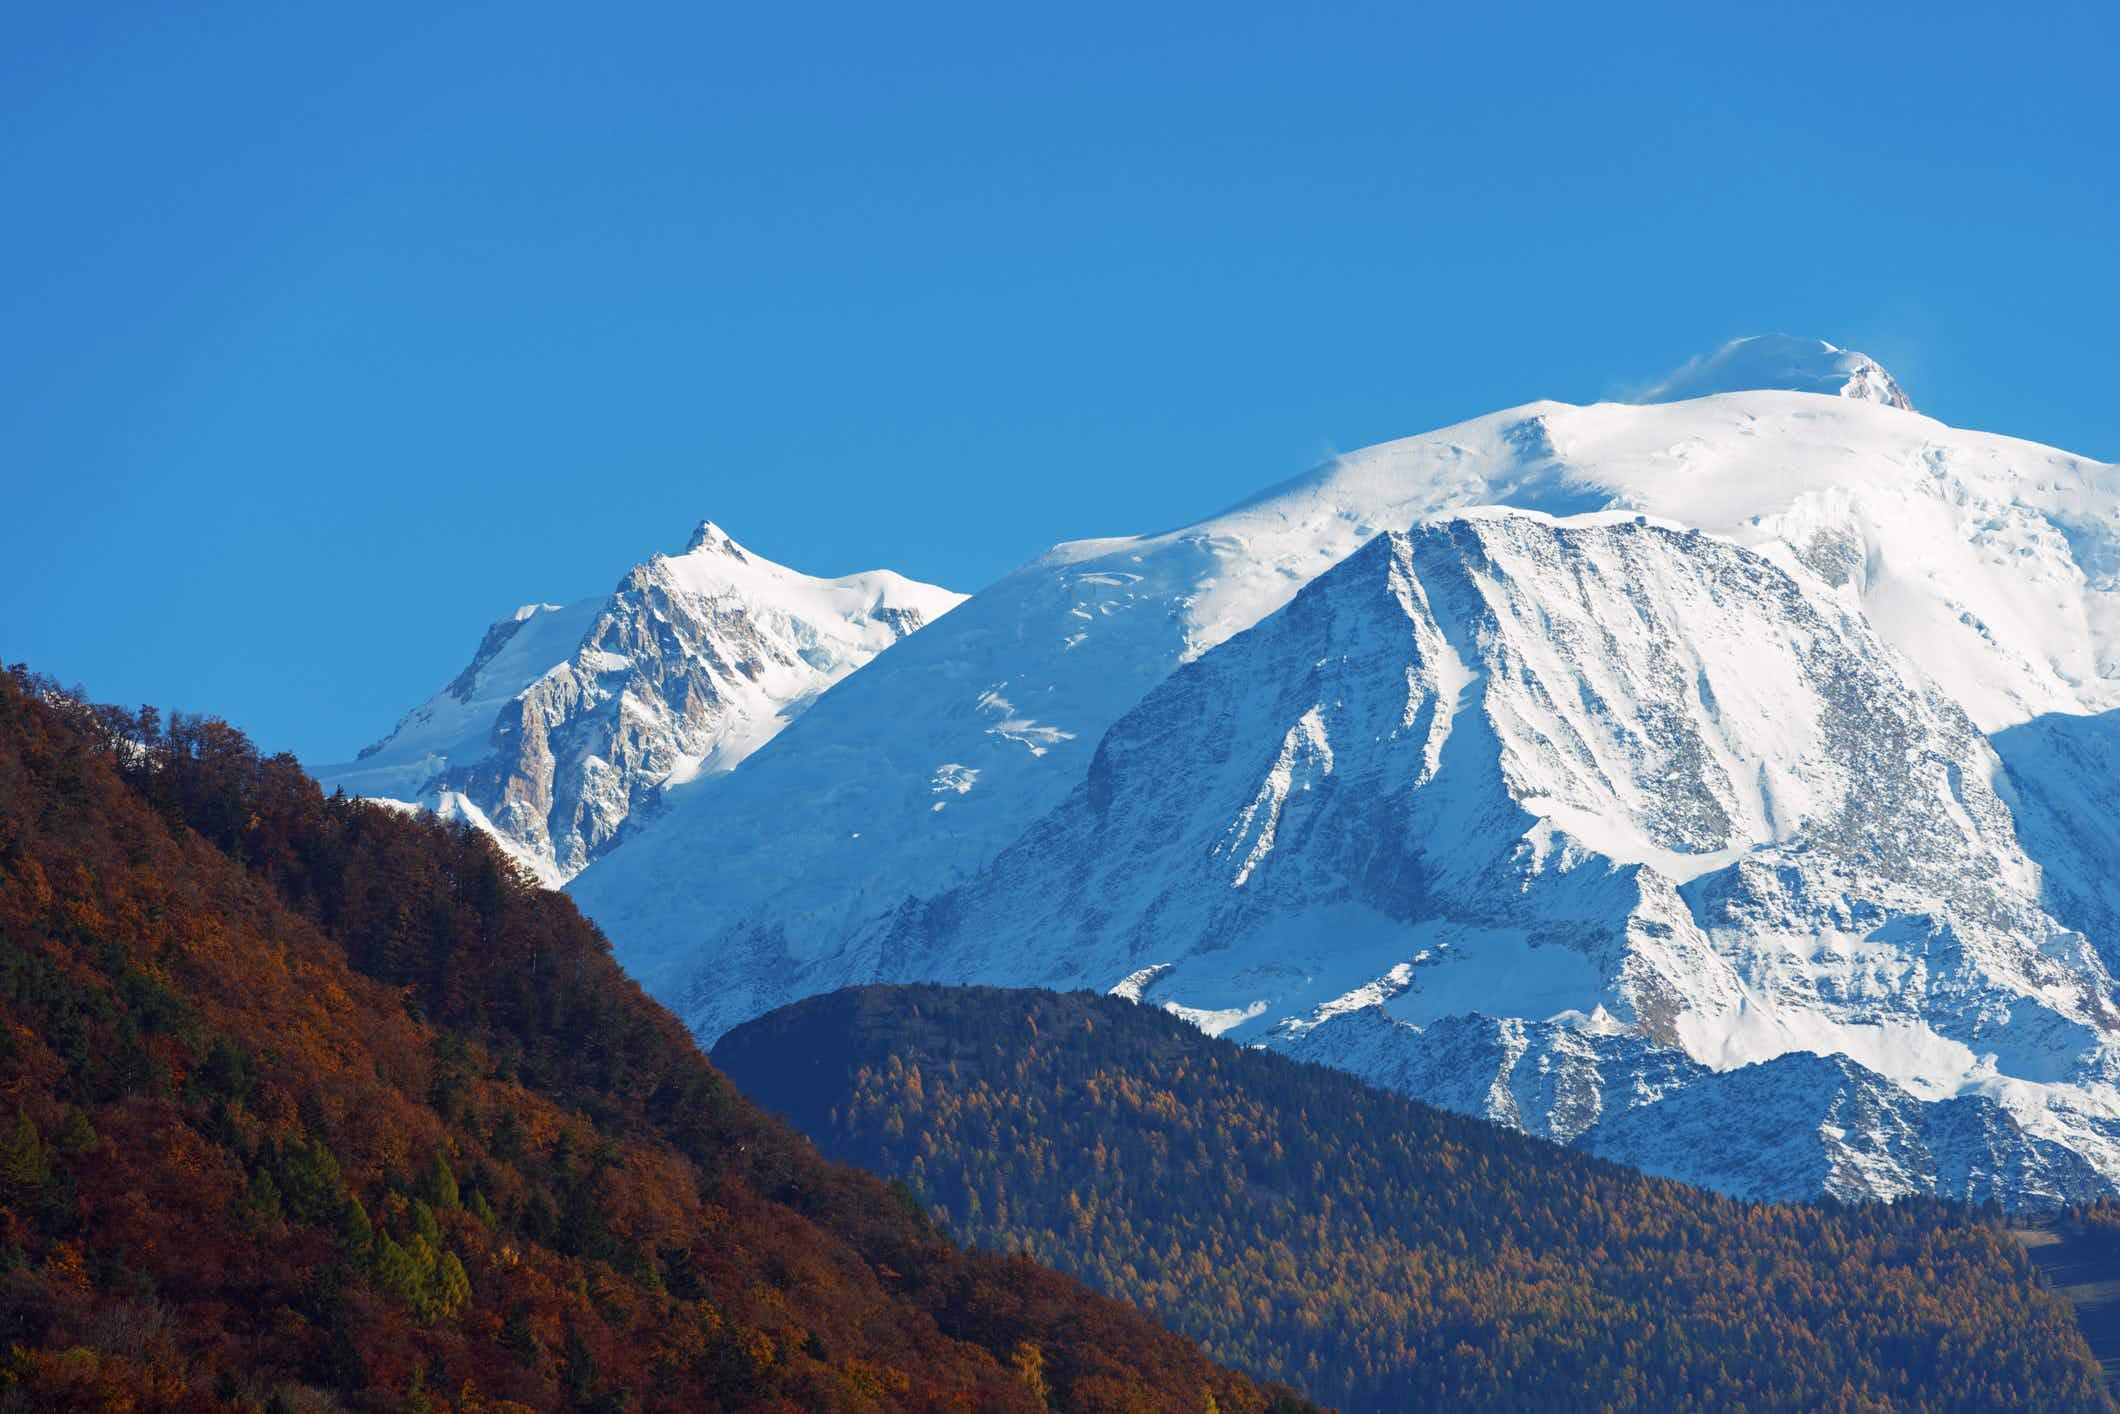 That shrinking feeling: Western Europe's highest peak gets smaller